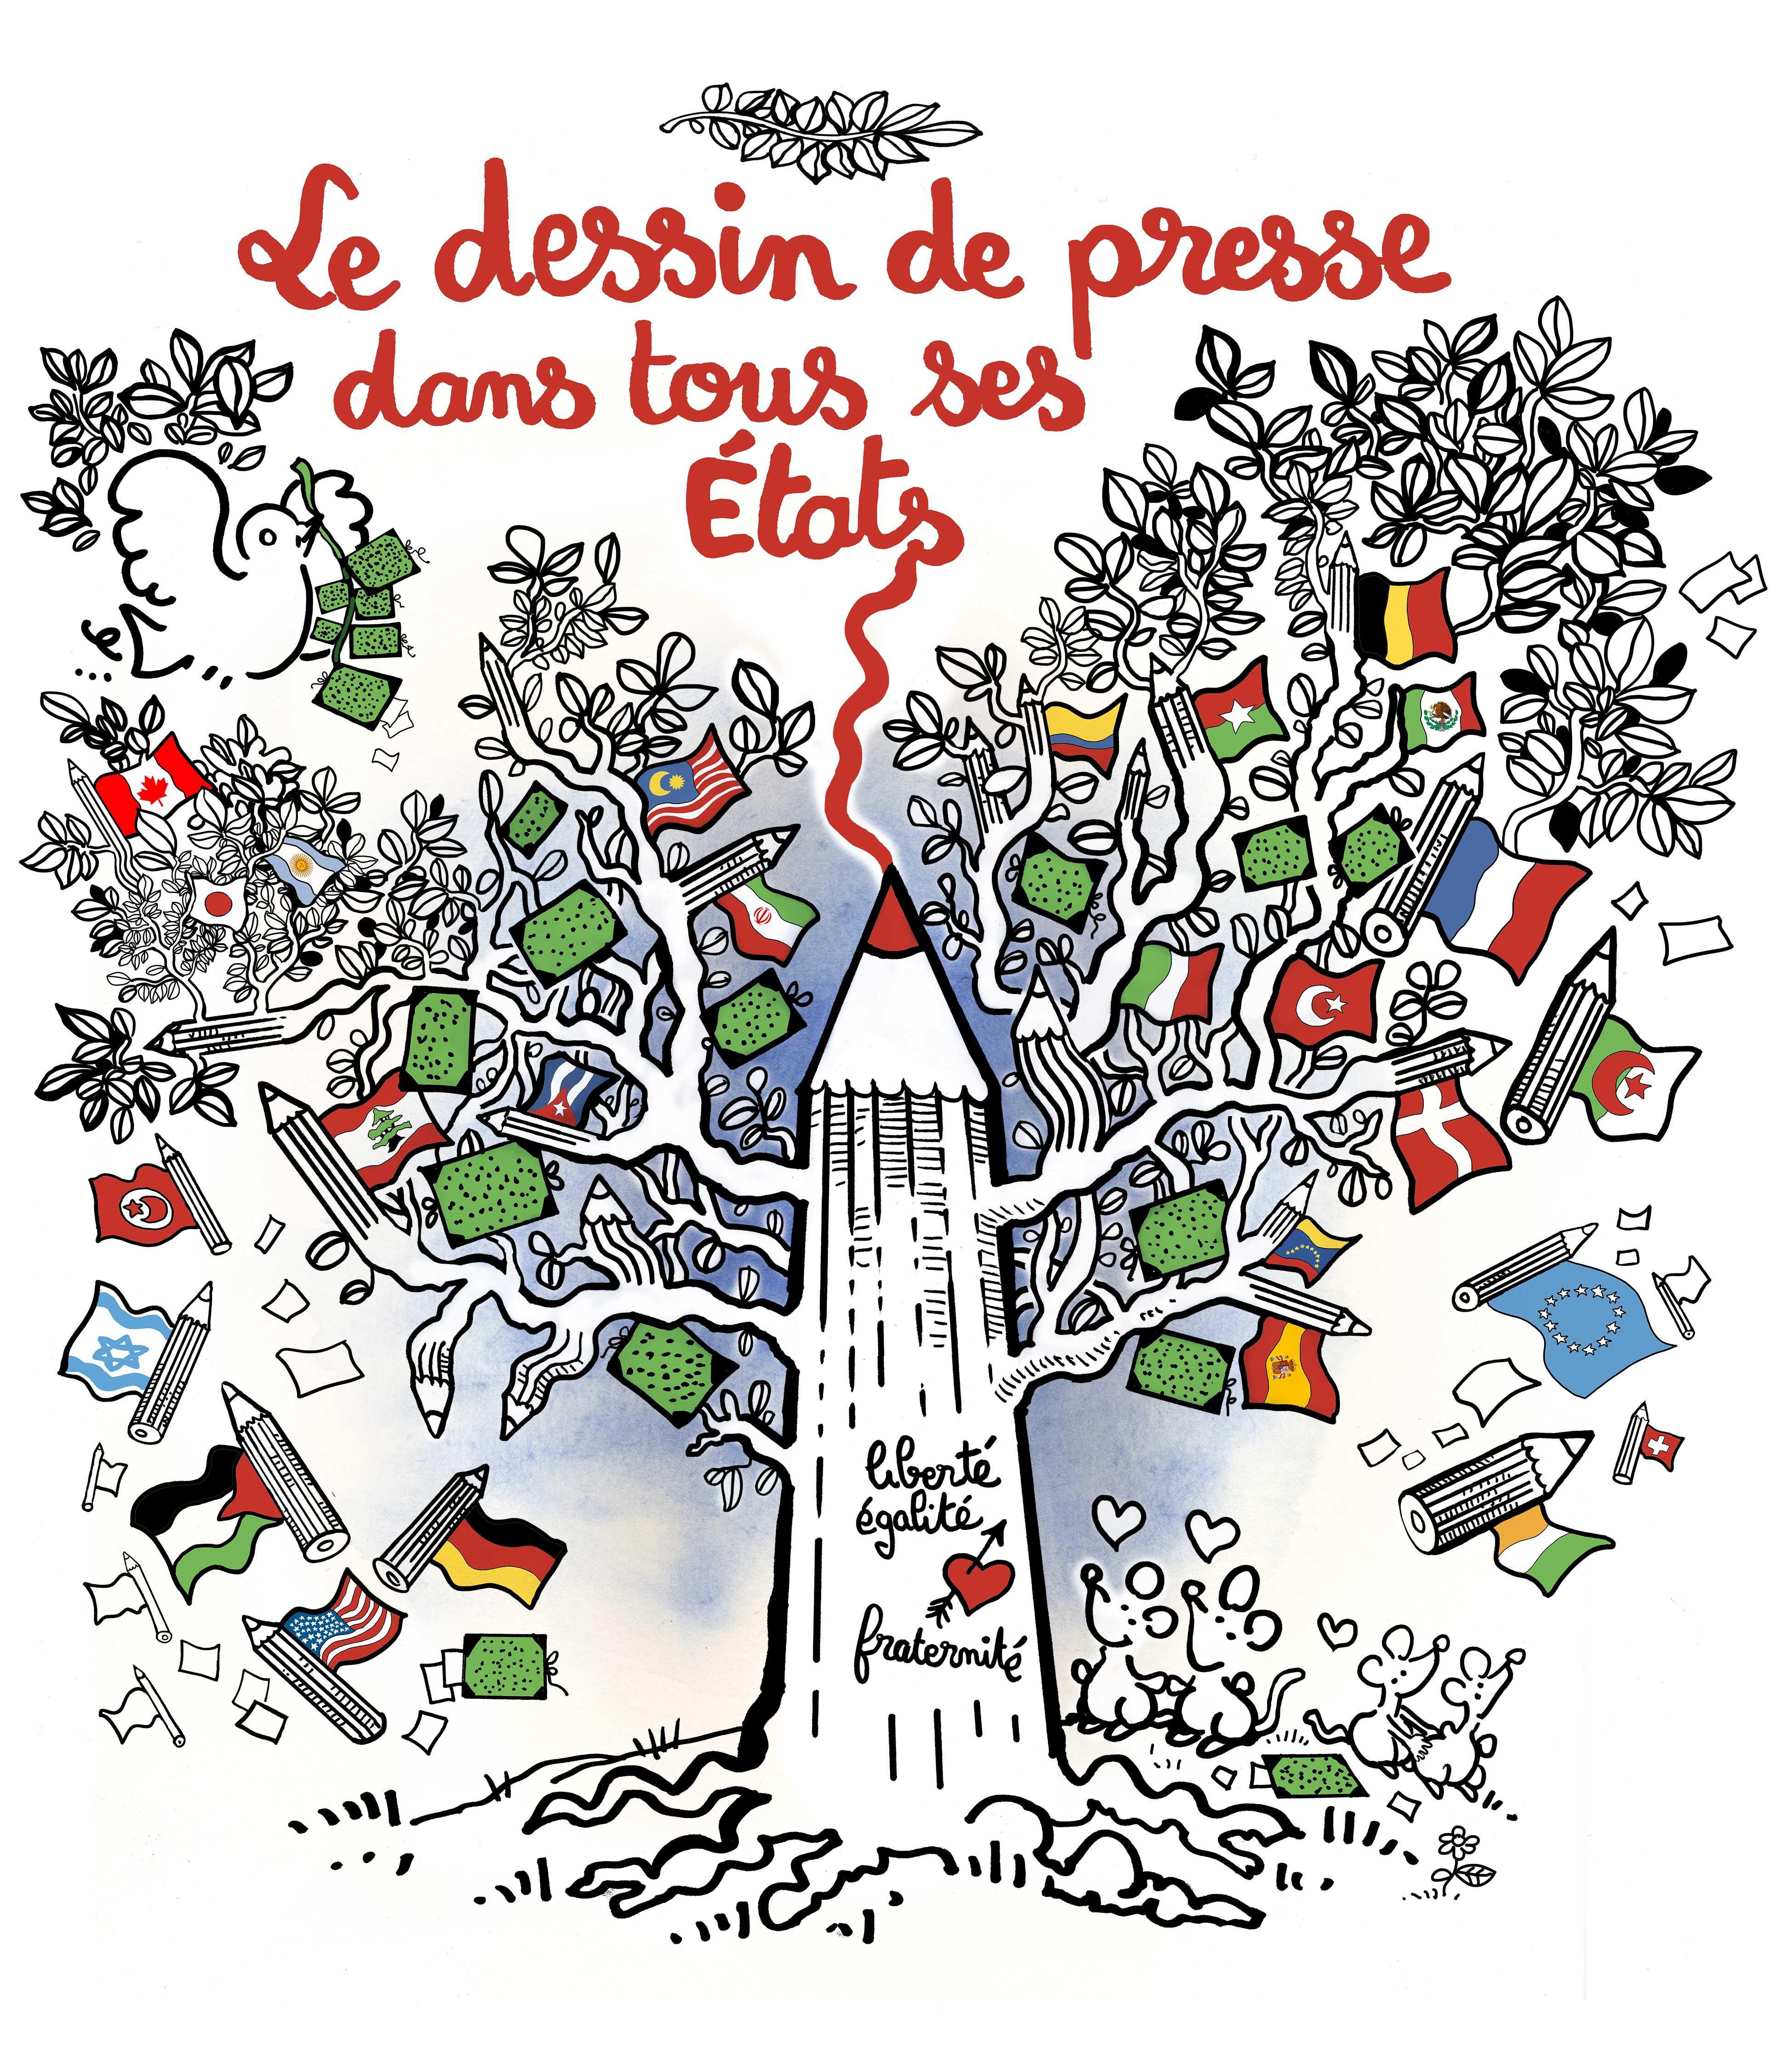 Le dessin de presse dans tous ses tats de cartooning for peace que faire paris - Dessin de tous ...